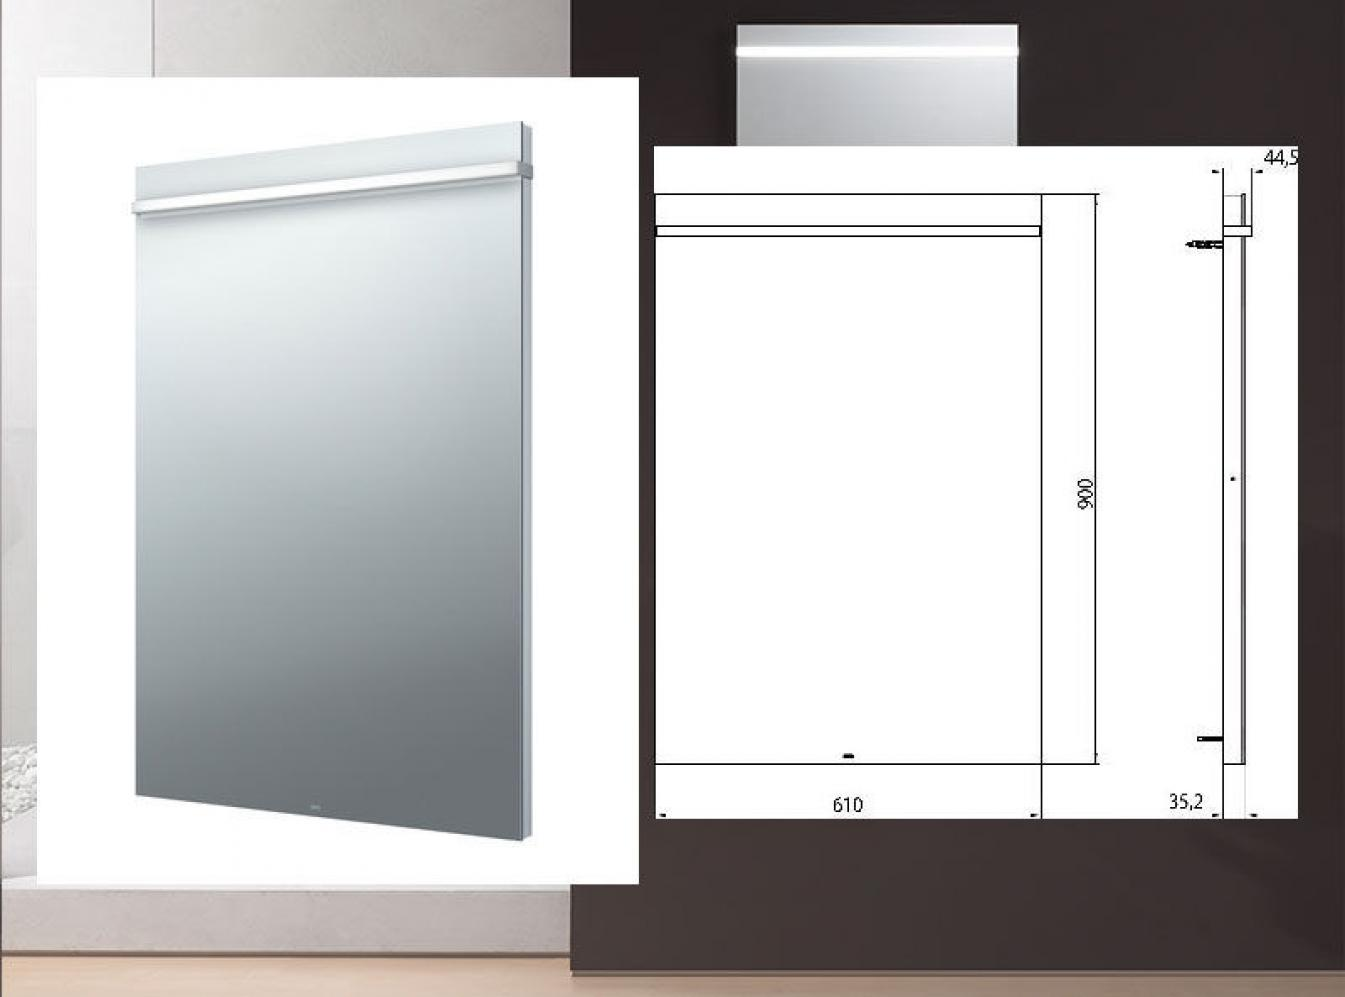 emco select led lichtspiegel 60 cm. Black Bedroom Furniture Sets. Home Design Ideas